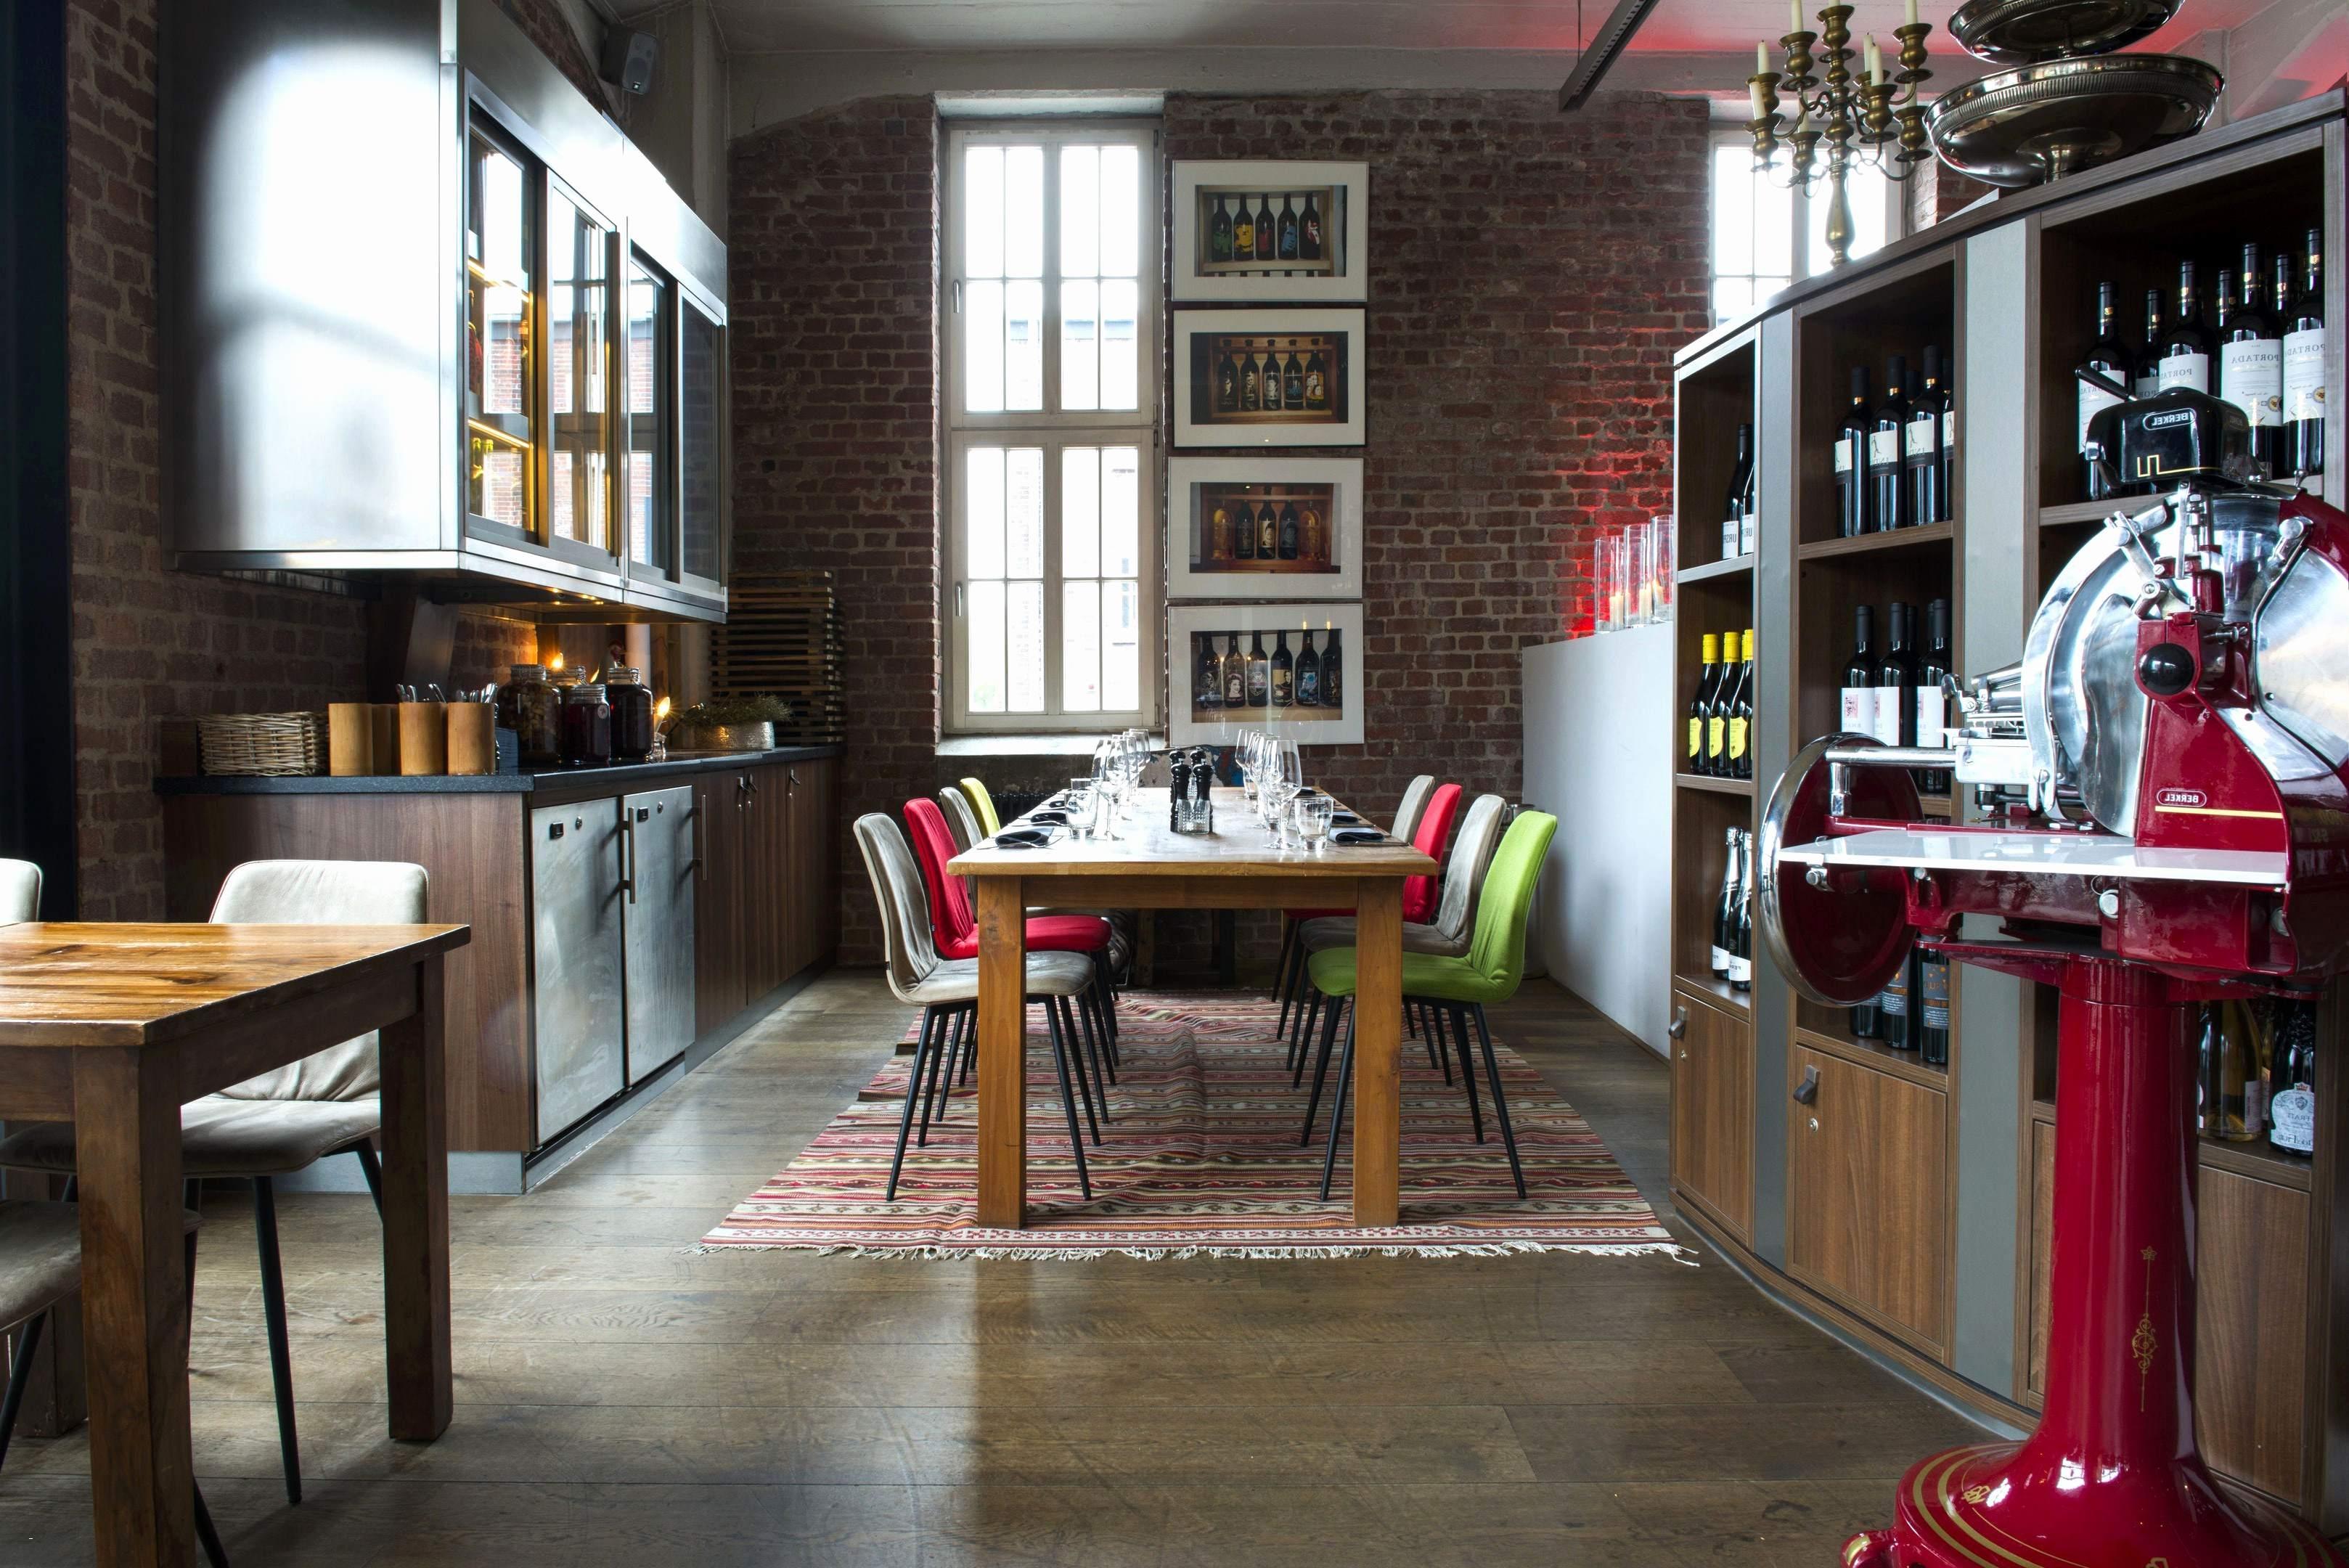 Cuisine Leroy Merlin 3d Beau Collection Galerie De Cuisine Jardin Mpi Stuttering Treatment